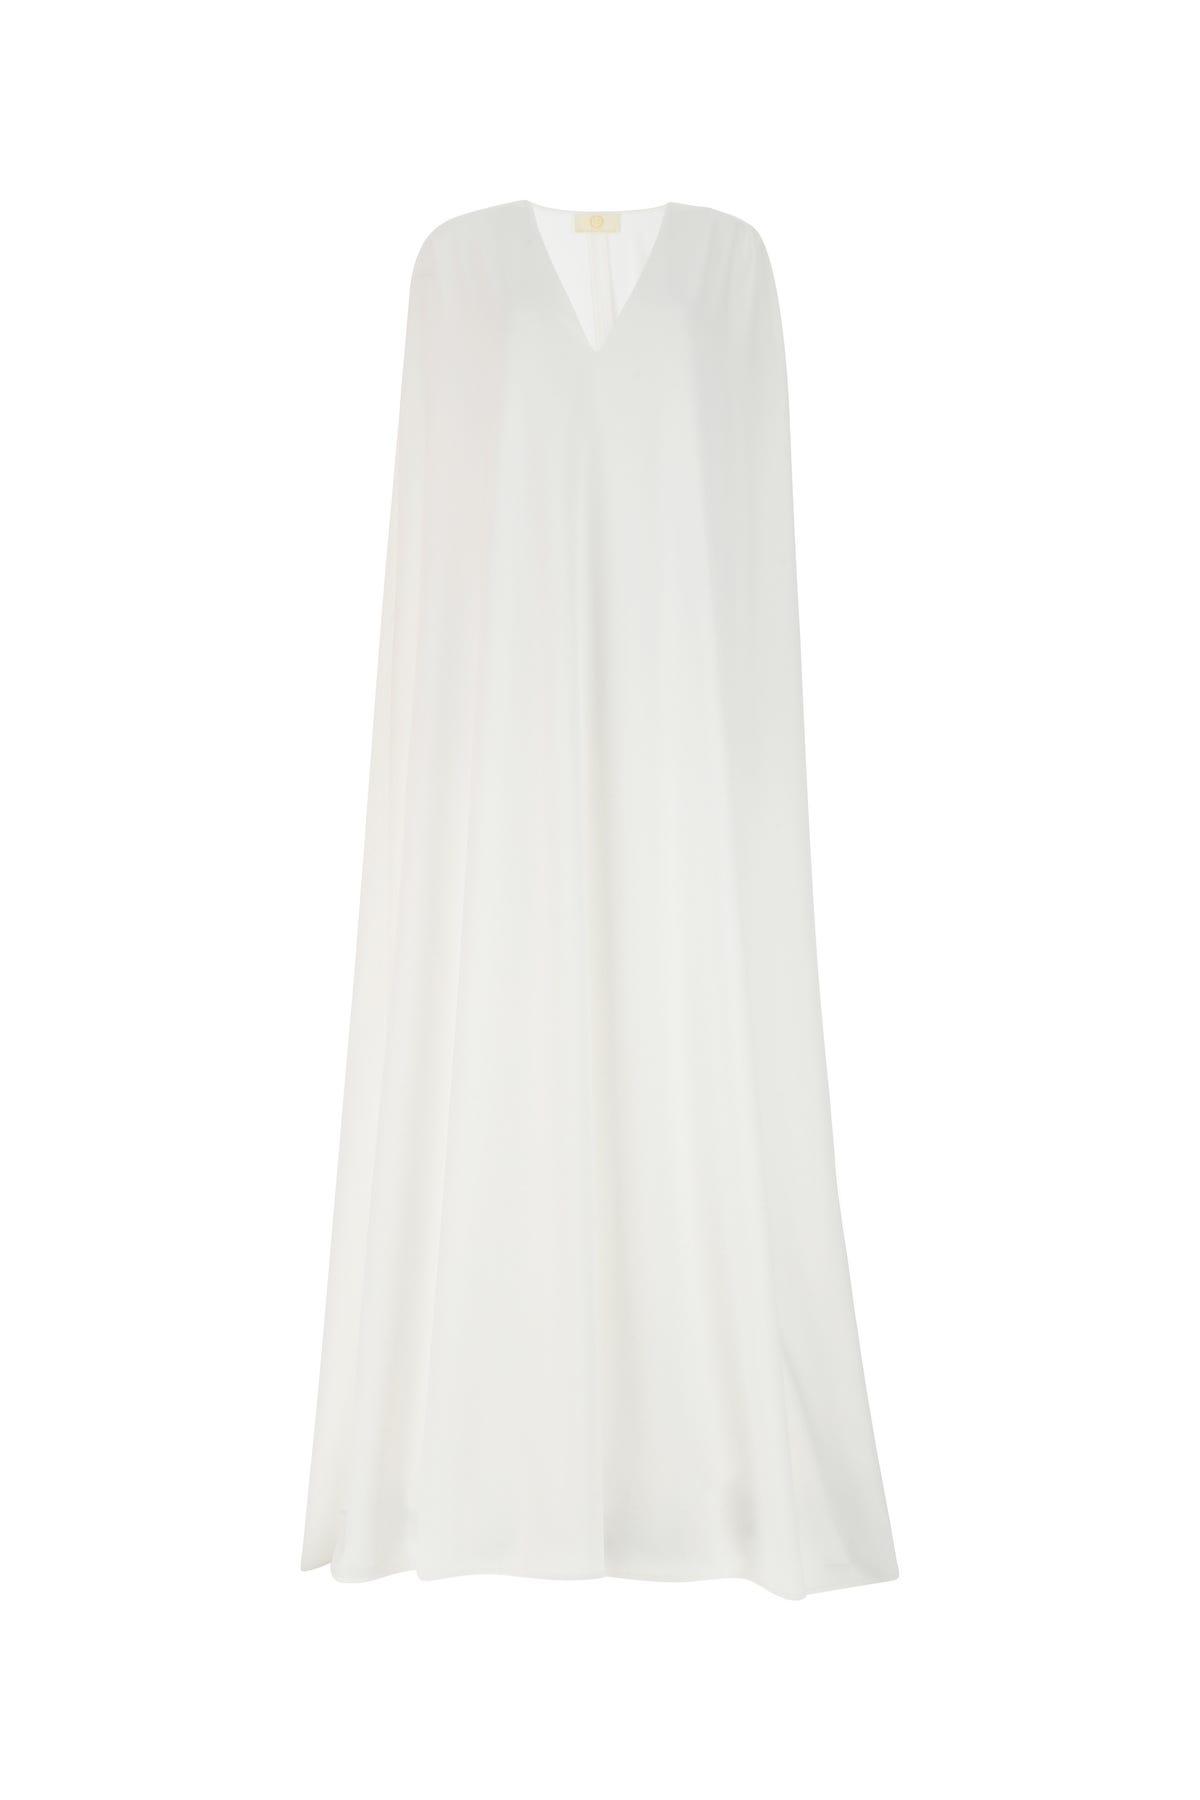 Sara Battaglia White Stretch Polyester Dress  White  Donna 42